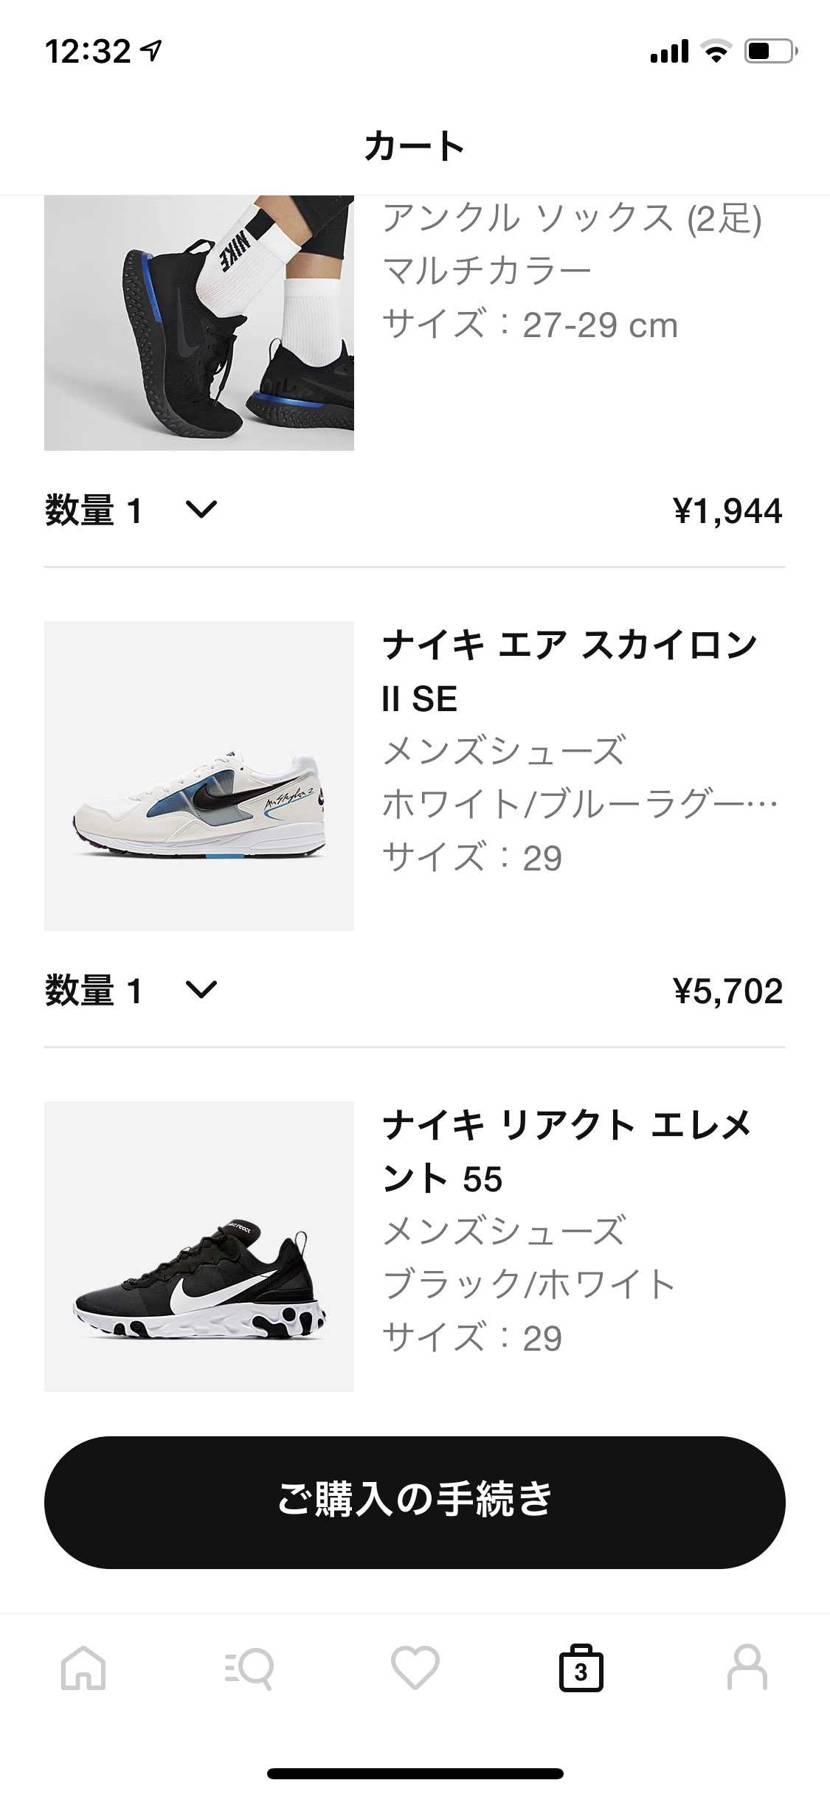 どっちを買おうか迷う、明日までに決めるつもり